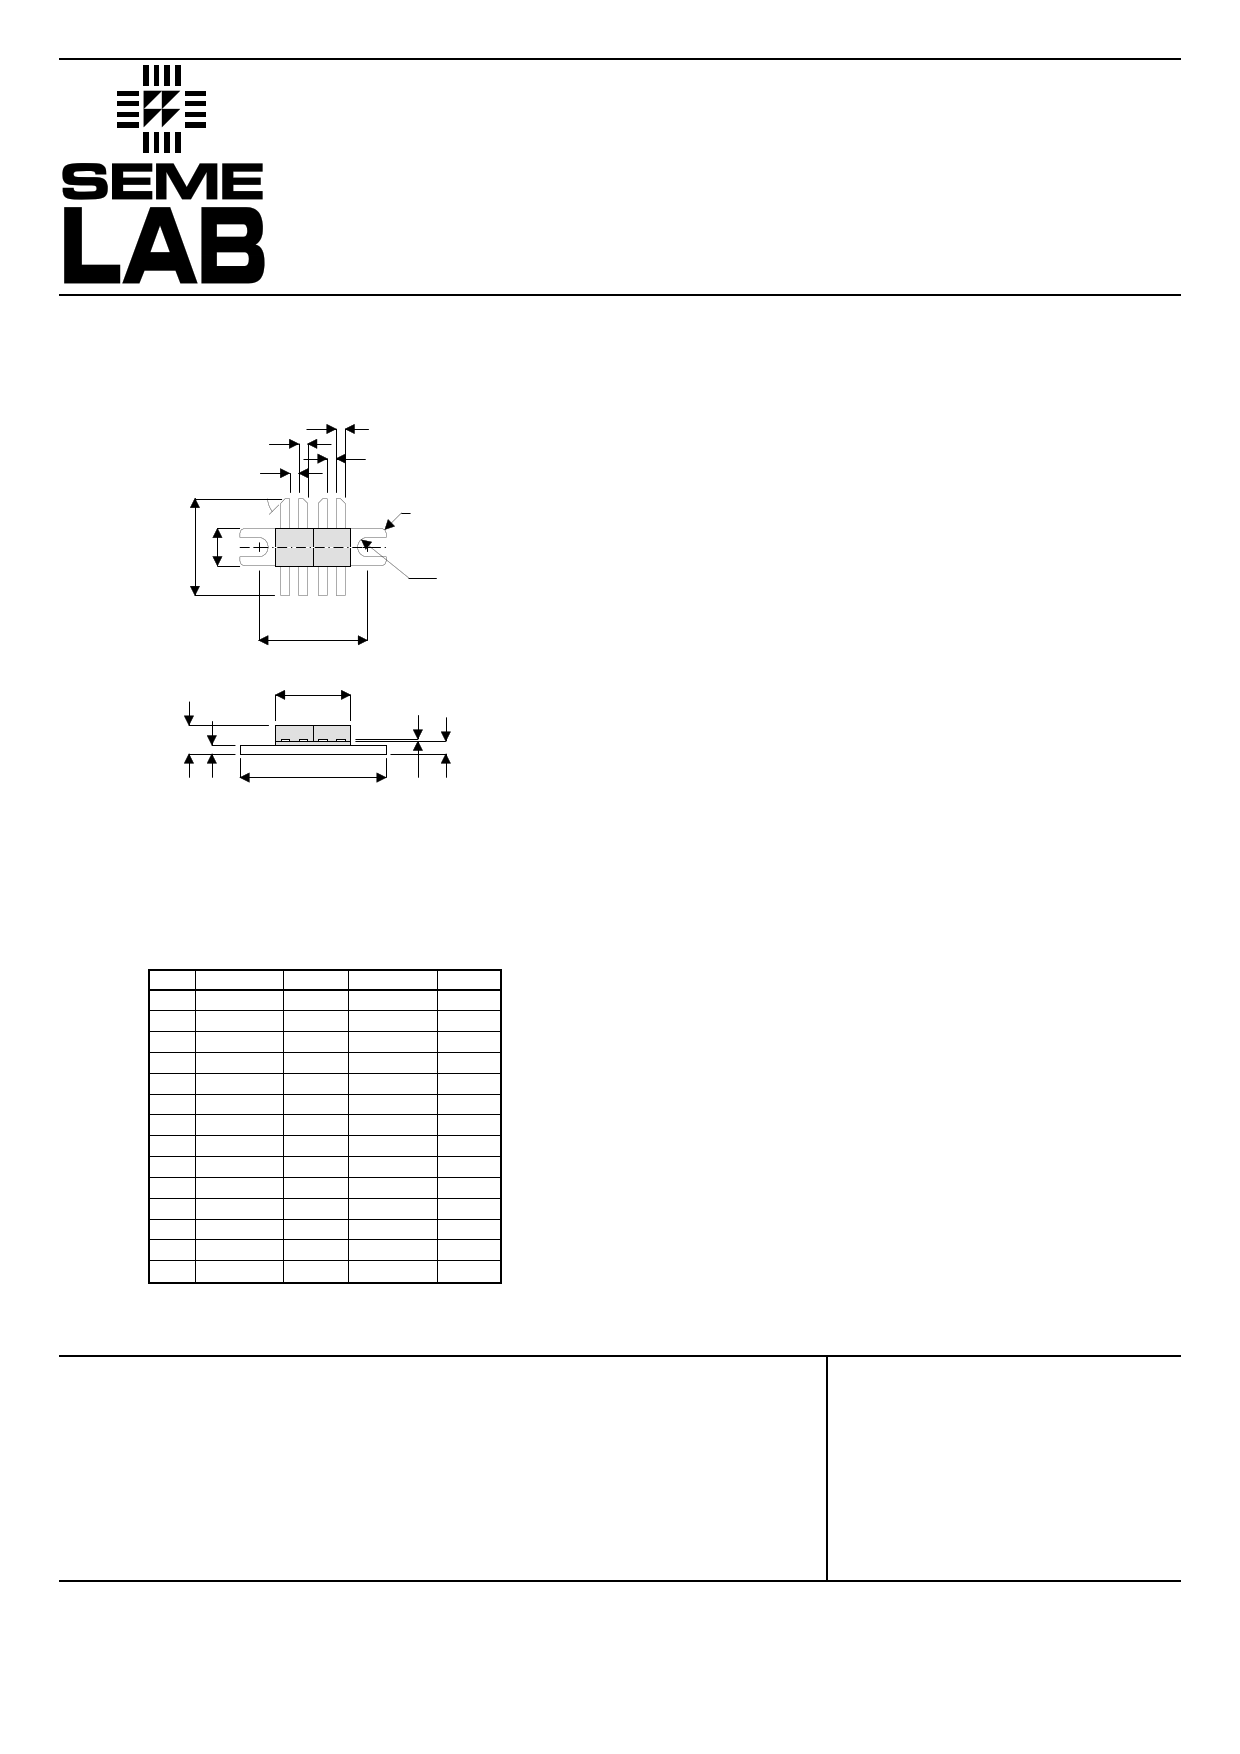 D1053 datasheet